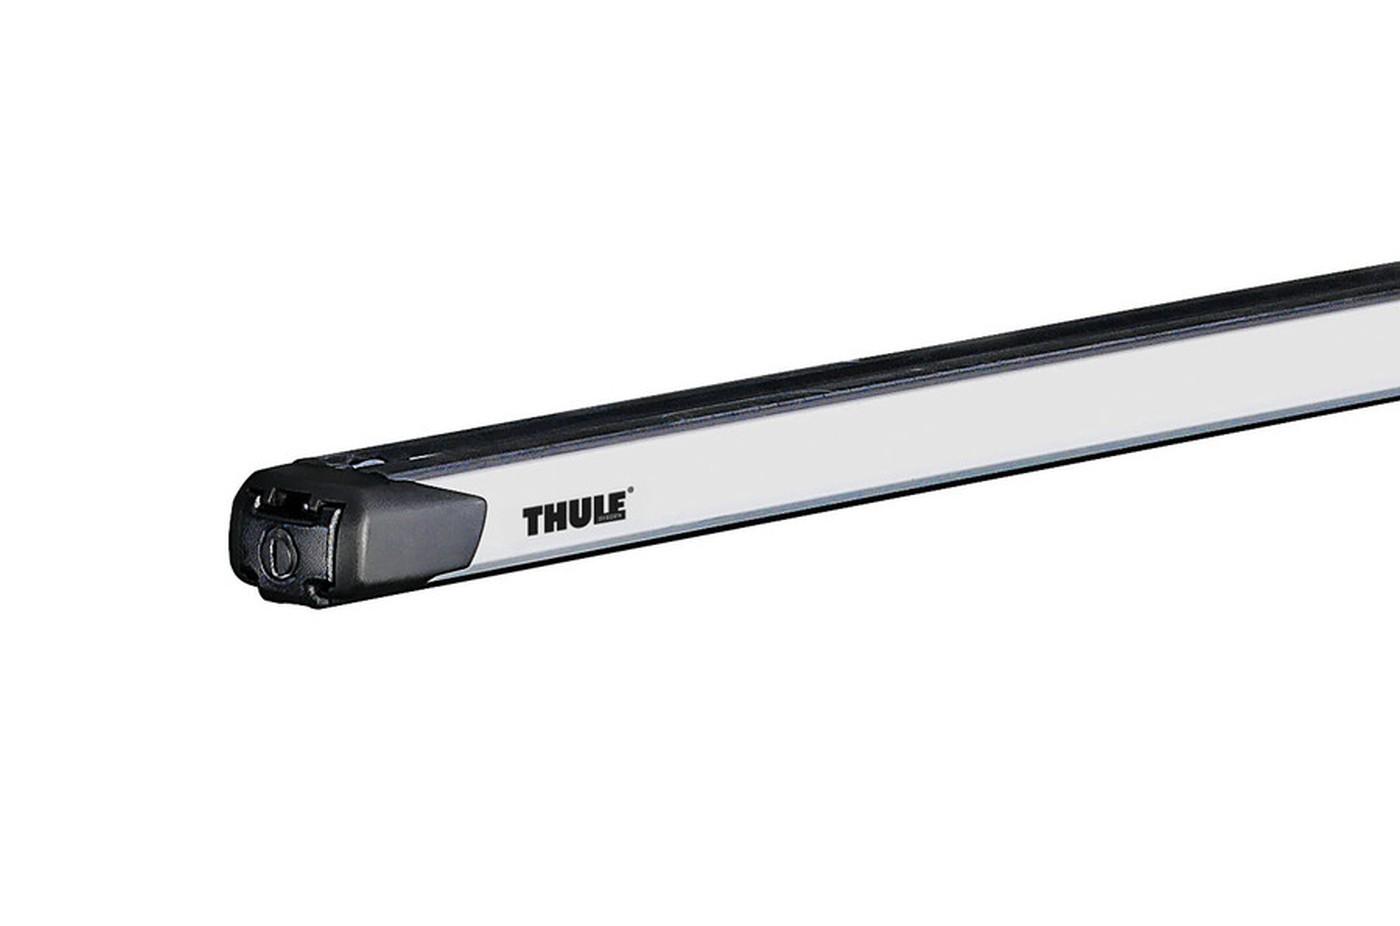 THULE SlideBar 891-30